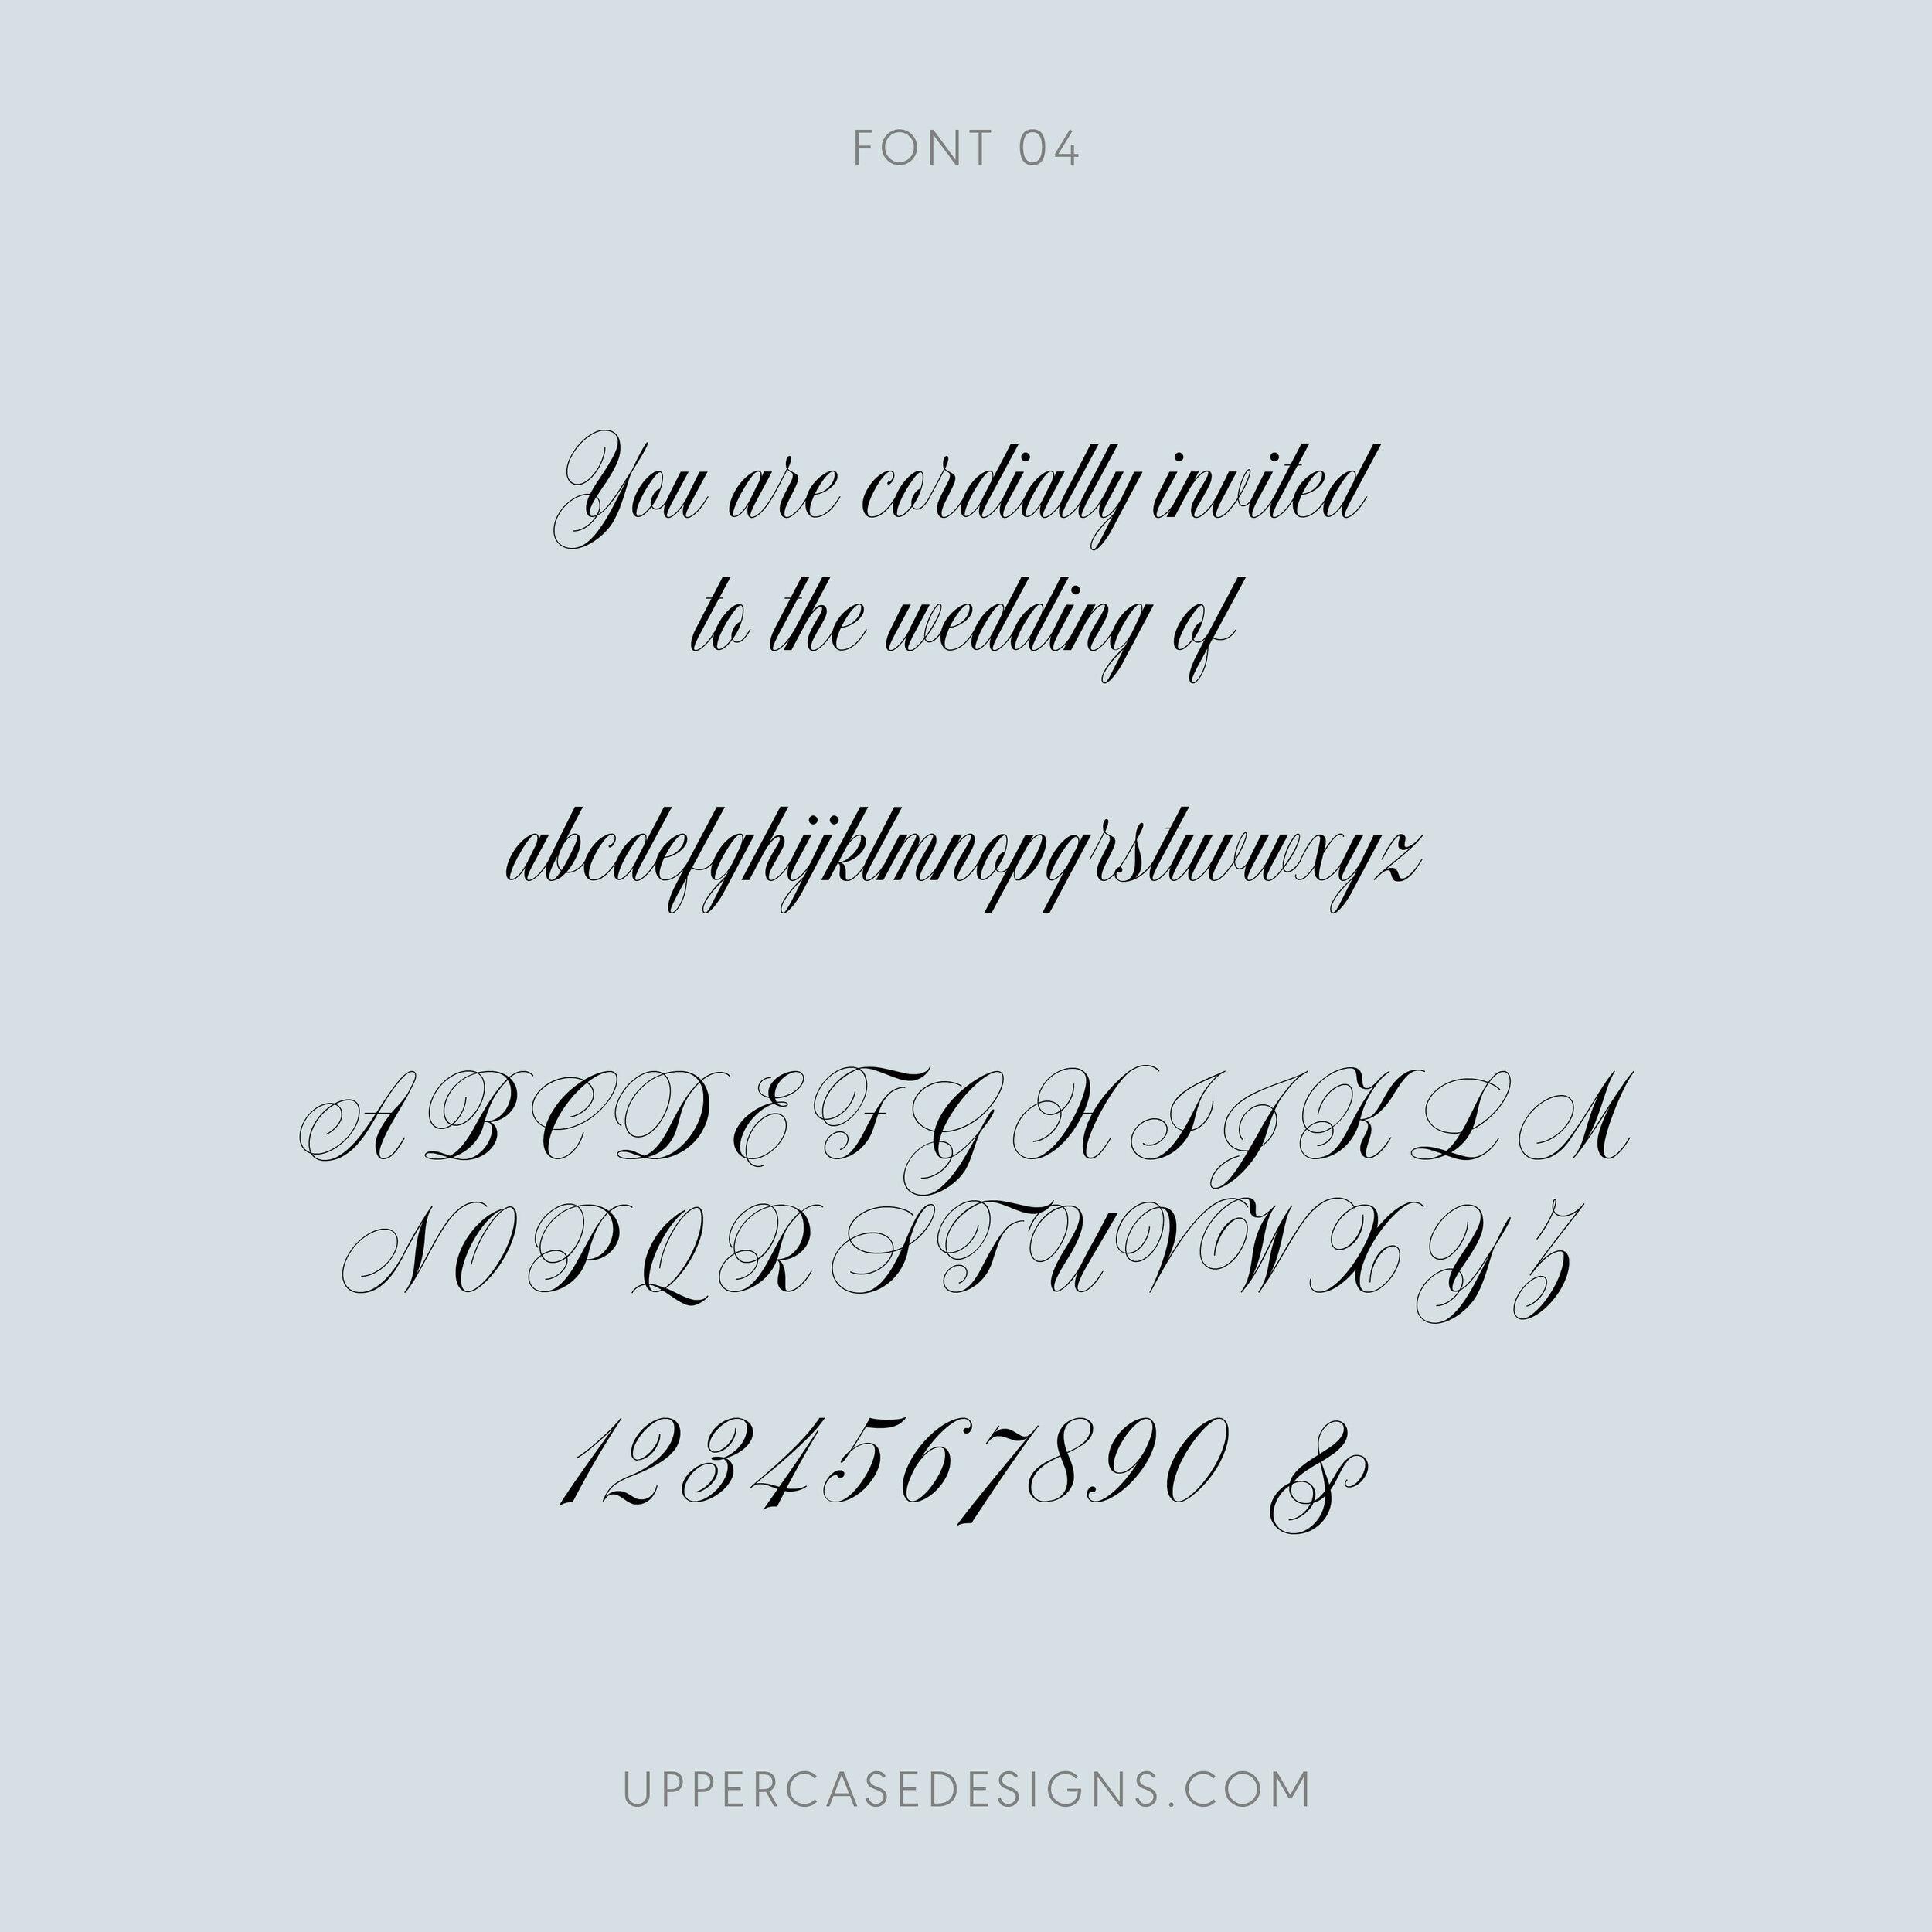 UppercaseDesigns-Fonts-20204.jpg